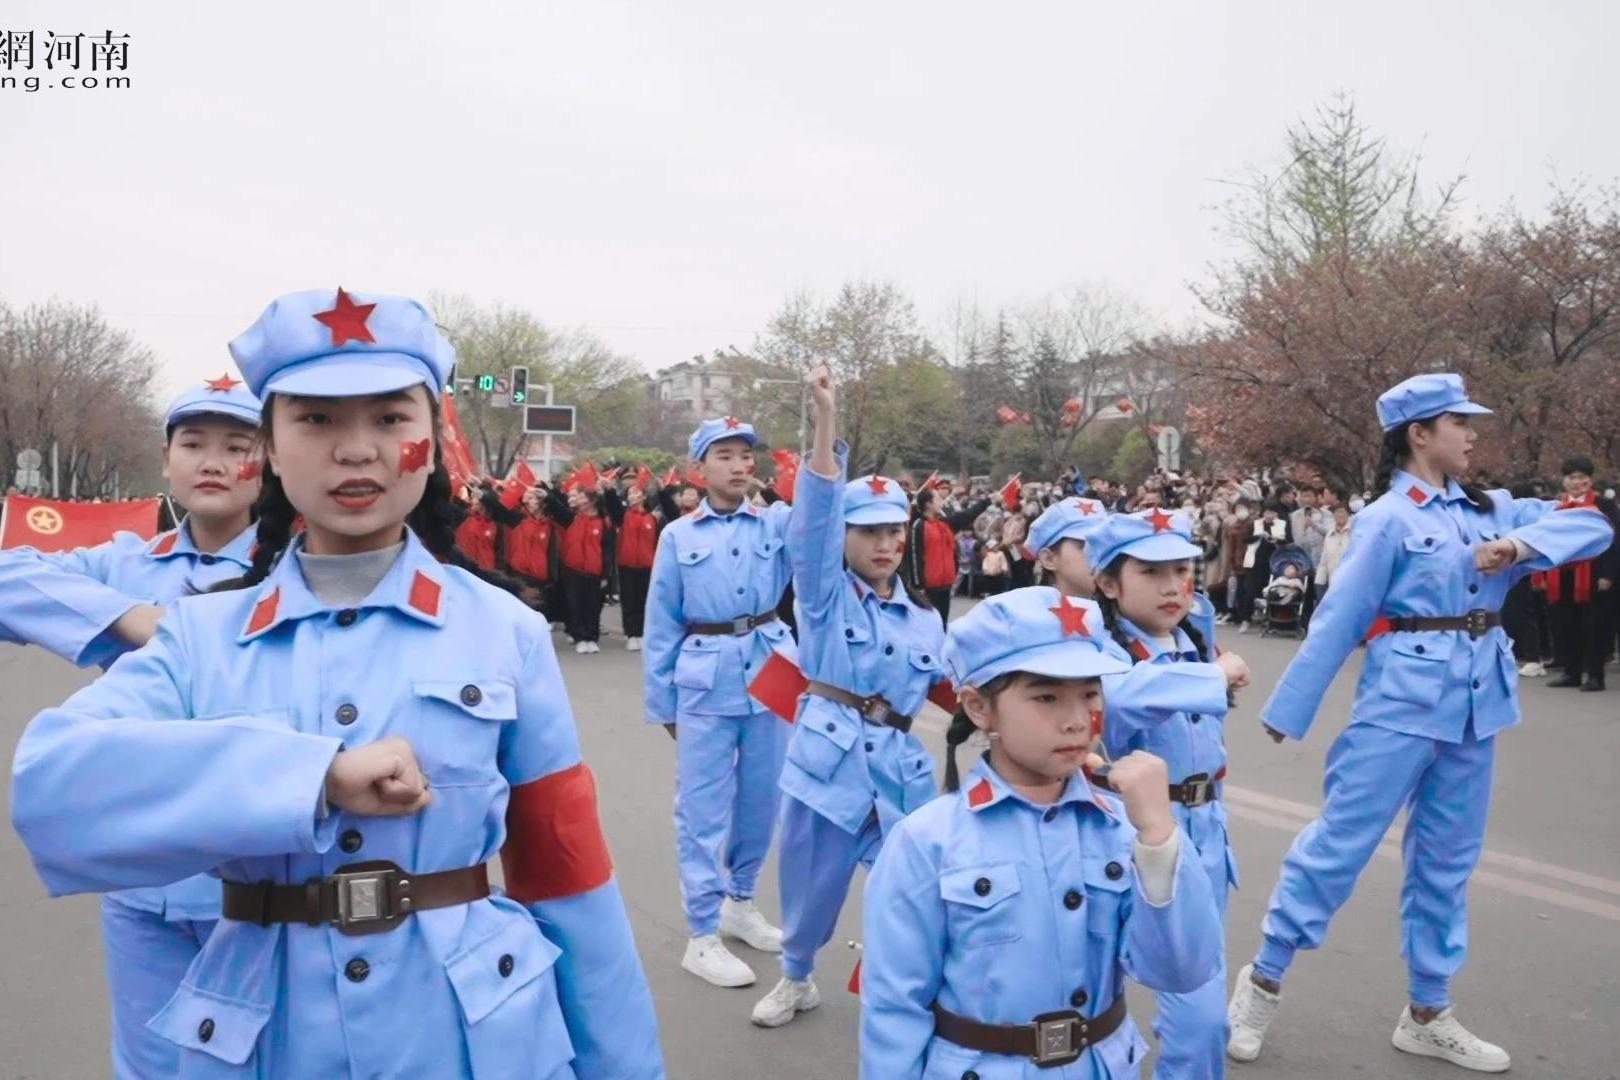 第七届中国(鹤壁)樱花文化节【红歌快闪】